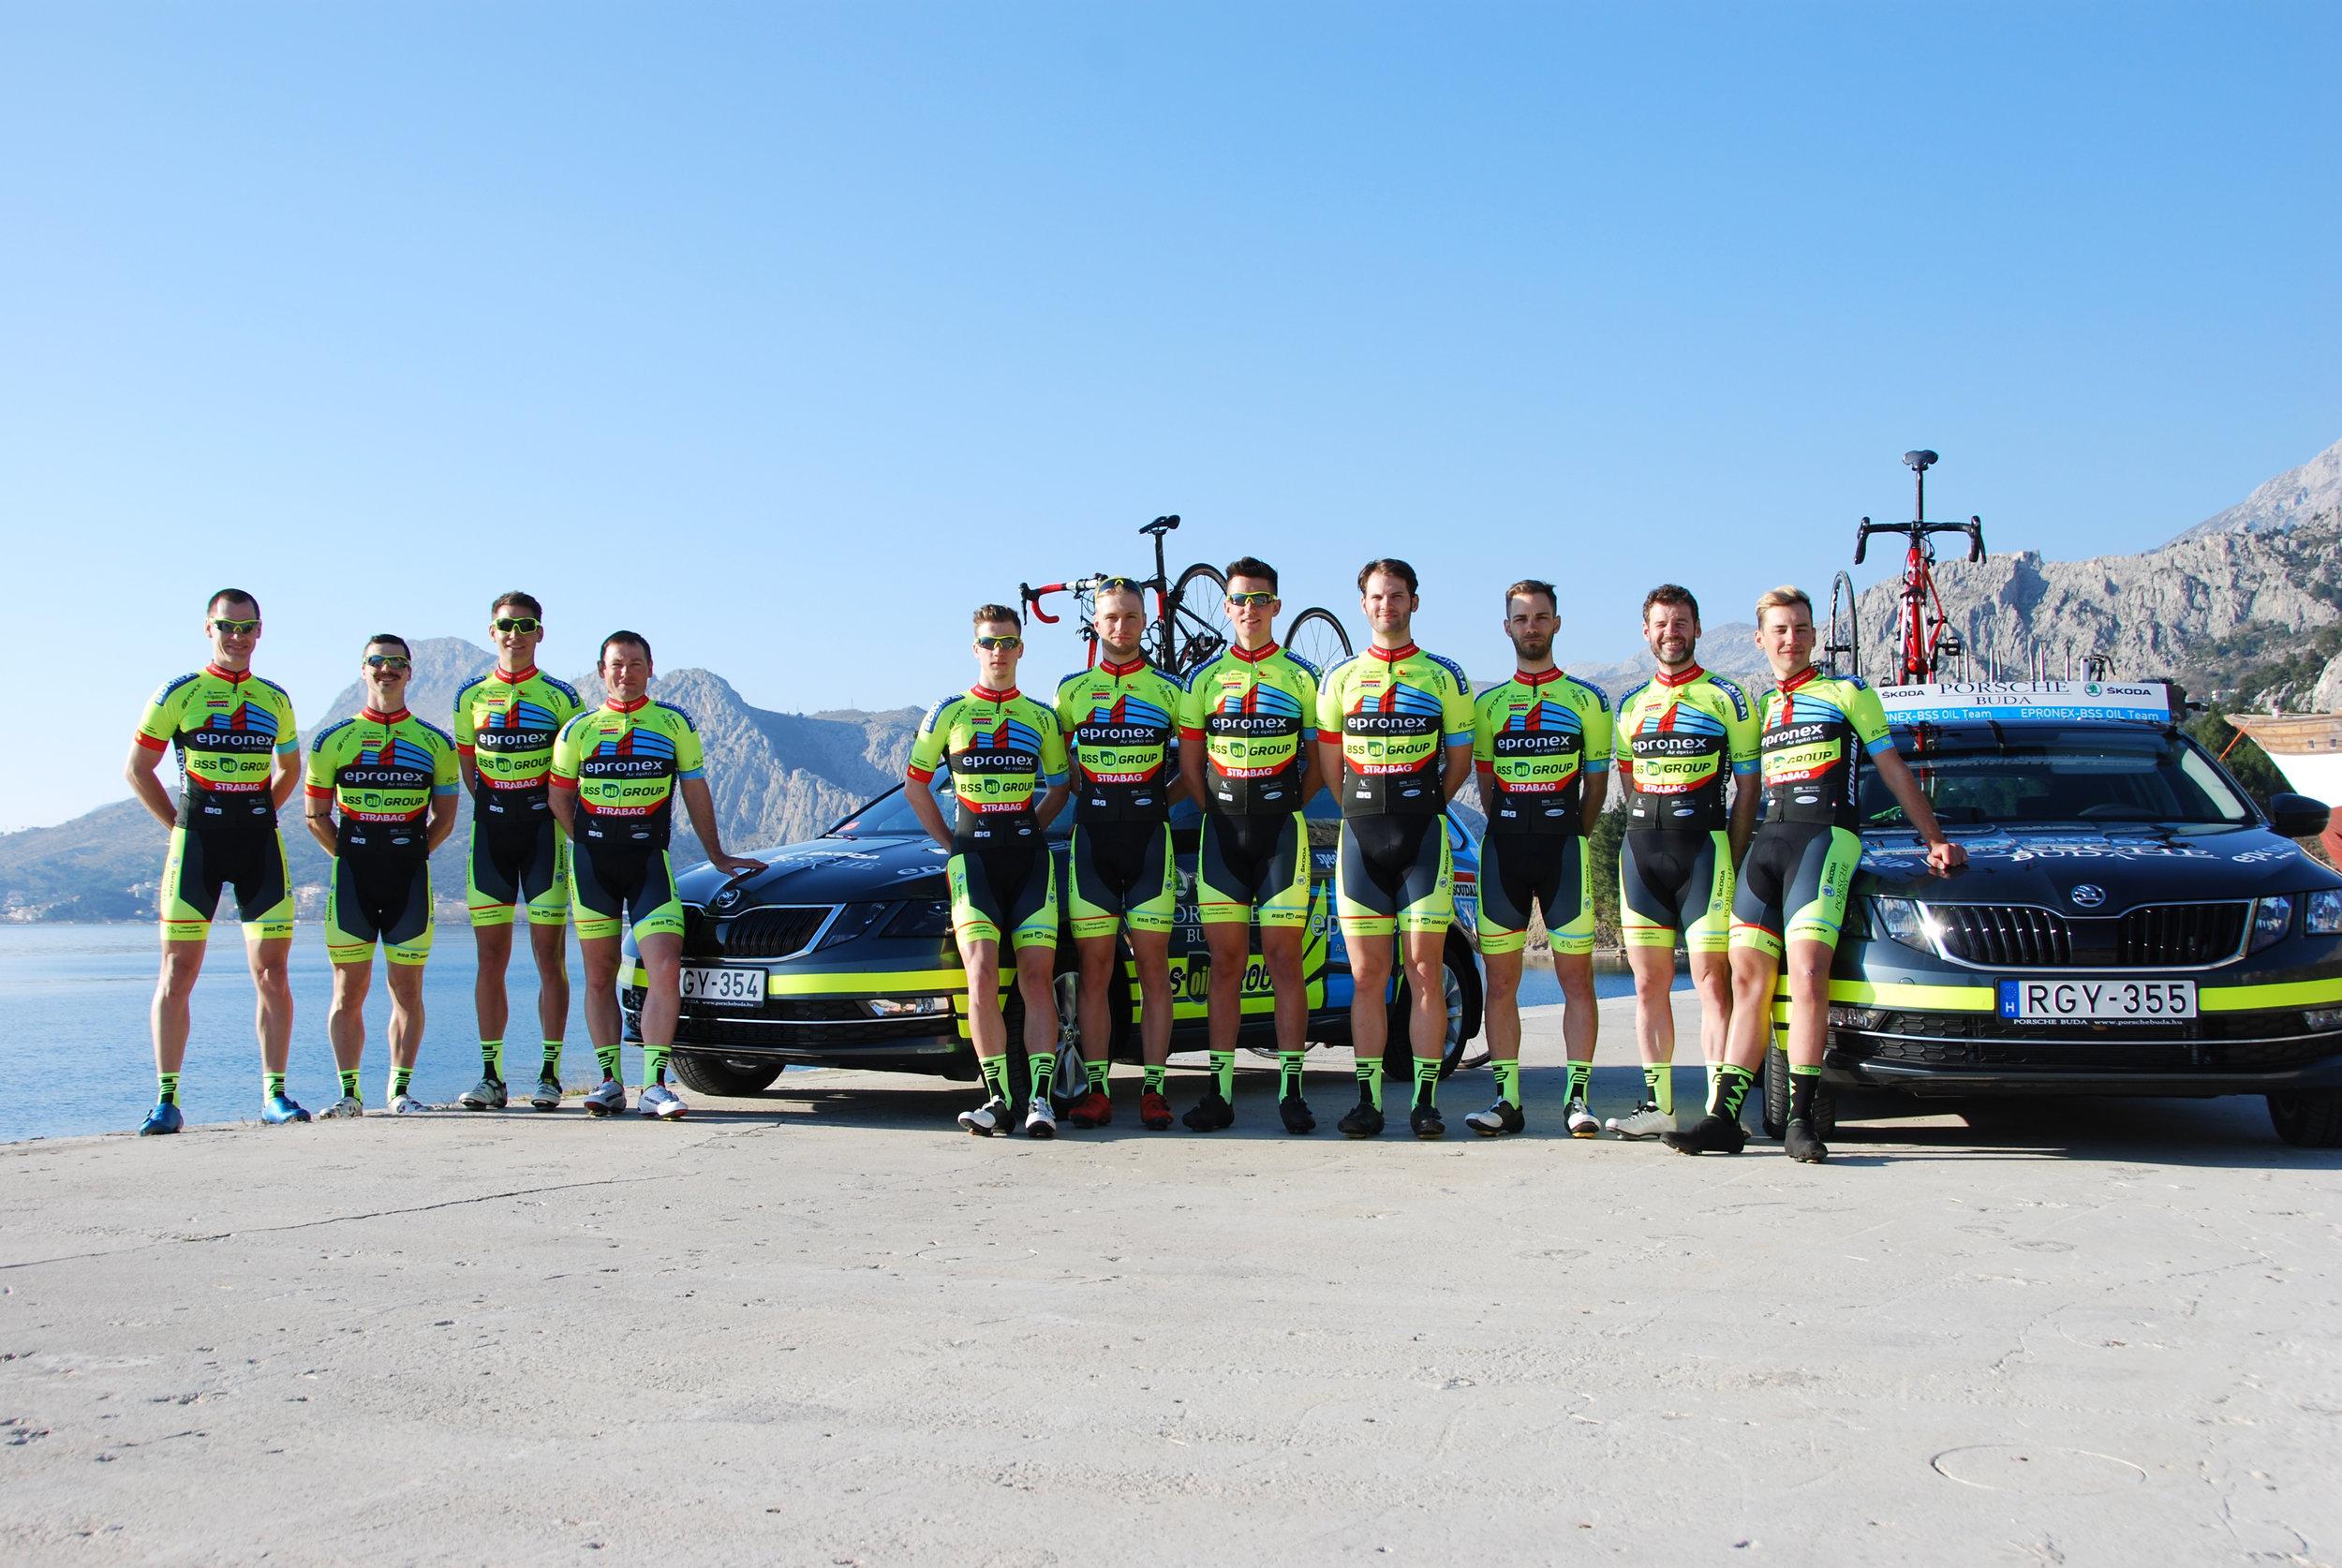 2019-es Epronex - Bss Oil csapata, a Porsche Budától kapott 2db Skoda Octavia-val